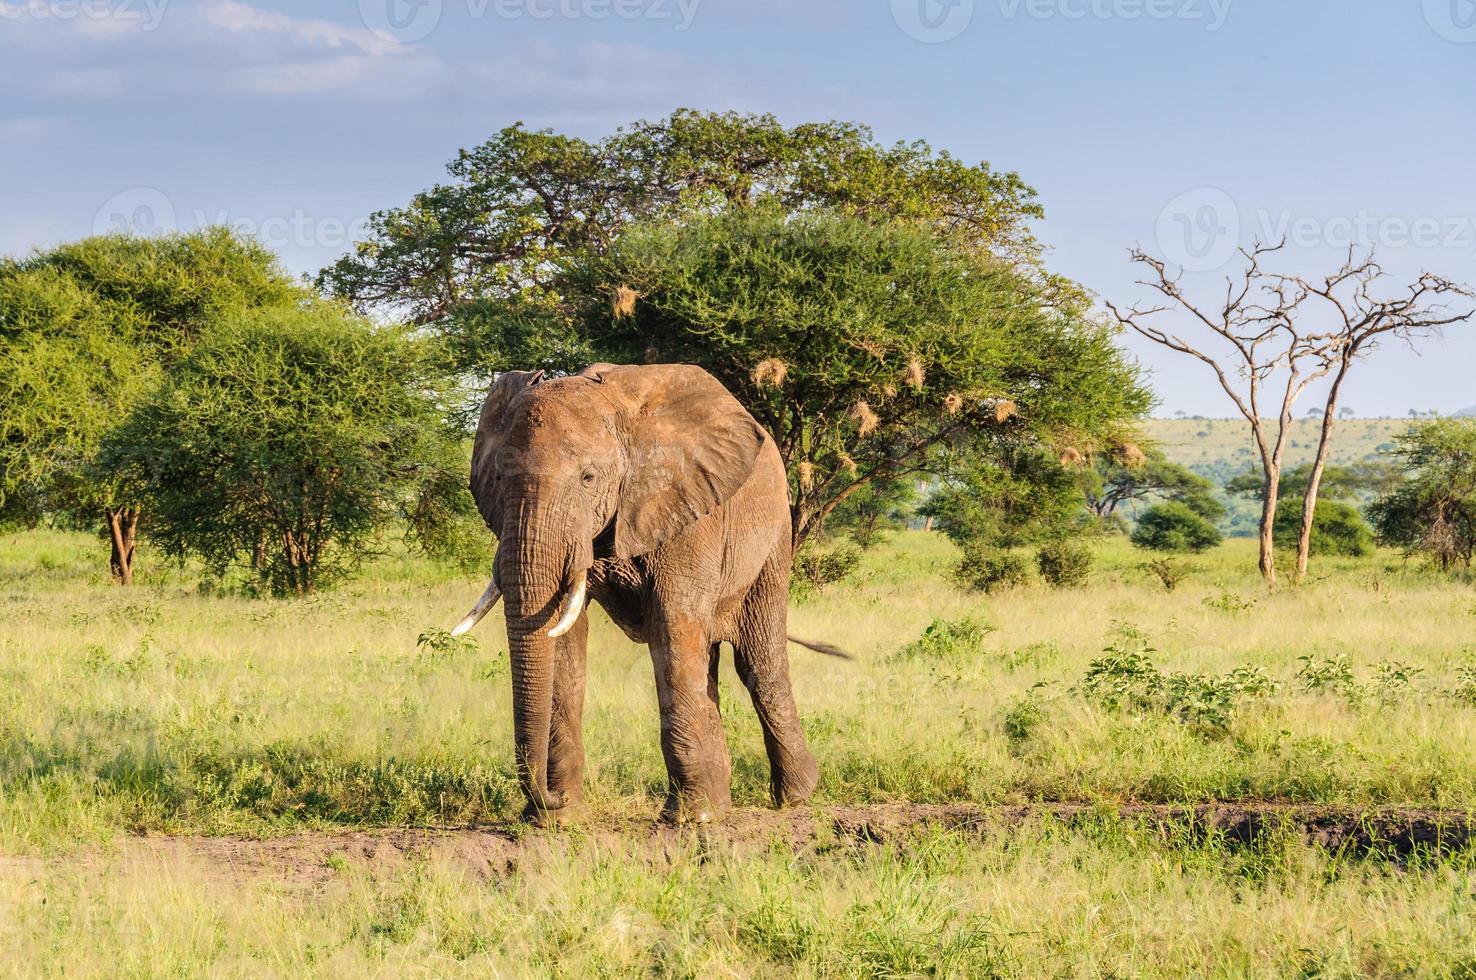 touro elefante no parque tarangire, tanzânia foto